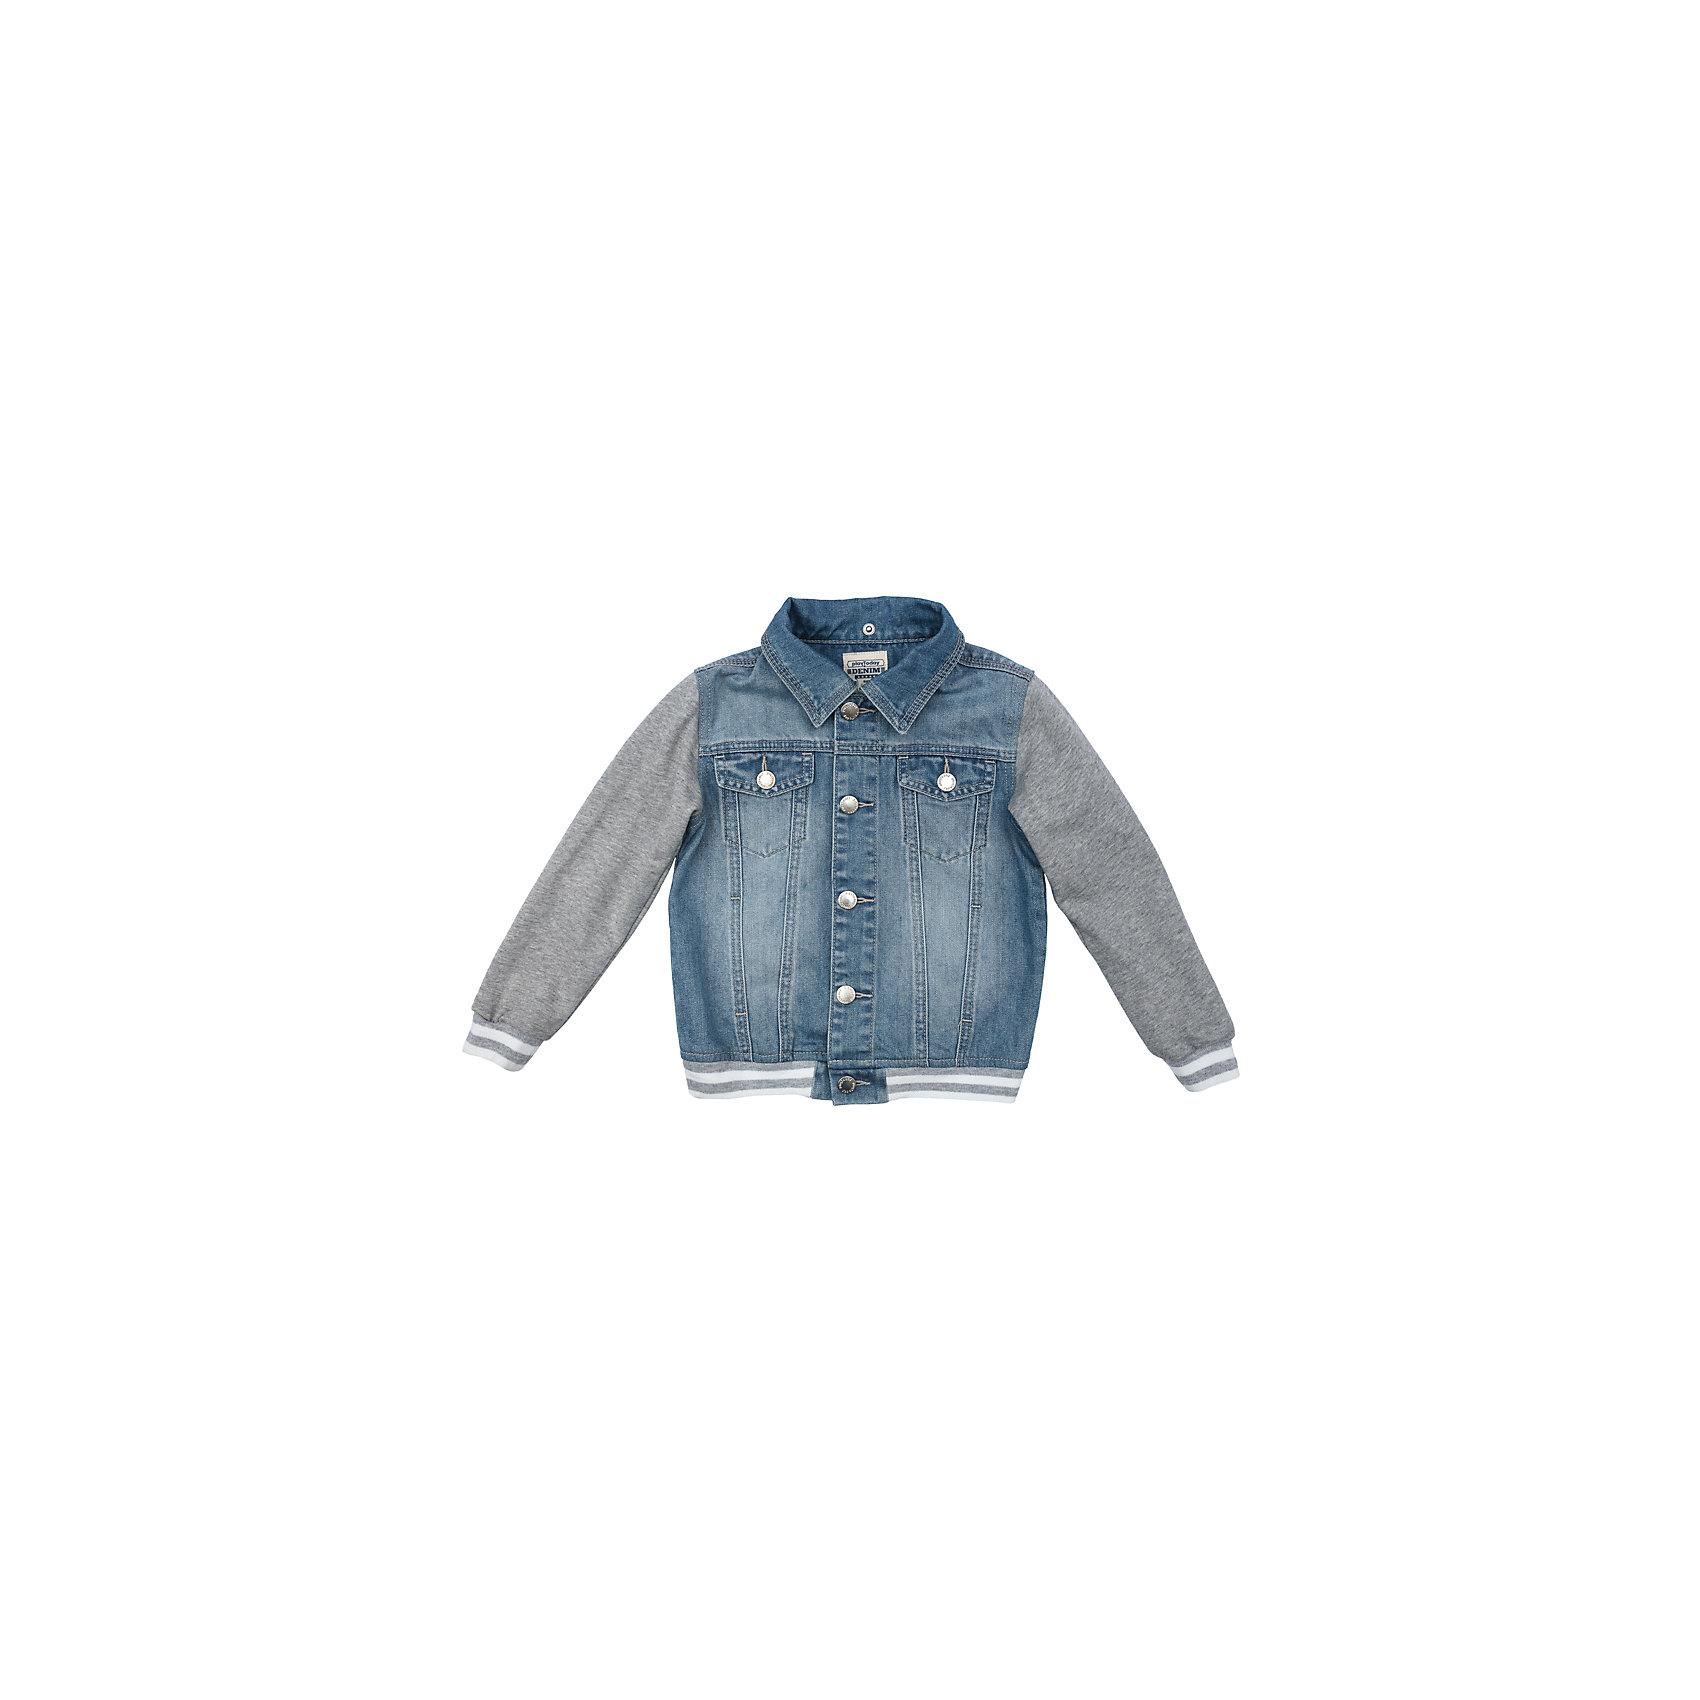 Куртка джинсовая для мальчика PlayTodayДжинсовая одежда<br>Куртка джинсовая для мальчика PlayToday<br>Эта эффектная модная куртка обязательно понравится Вашему ребенку! Модель выполнена из 2-х видов ткани - натуральной джинсовой и трикотажа (капюшон и рукава). При необходимости капюшон можно отстегнуть - он крепится на застежках-кнопках. Мягкие резинки на манжетах и по низу изделия. Джинсовая ткань с эффектом потертости.Преимущества: Рукава и капюшон из мягкого трикотажаКапюшон на застежках-кнопках. Легко отстегиваетсяМягкие резинки на манжетах и по низу изделия<br>Состав:<br>80% хлопок, 20% полиэстер<br><br>Ширина мм: 356<br>Глубина мм: 10<br>Высота мм: 245<br>Вес г: 519<br>Цвет: разноцветный<br>Возраст от месяцев: 84<br>Возраст до месяцев: 96<br>Пол: Мужской<br>Возраст: Детский<br>Размер: 128,98,104,110,116,122<br>SKU: 5403375